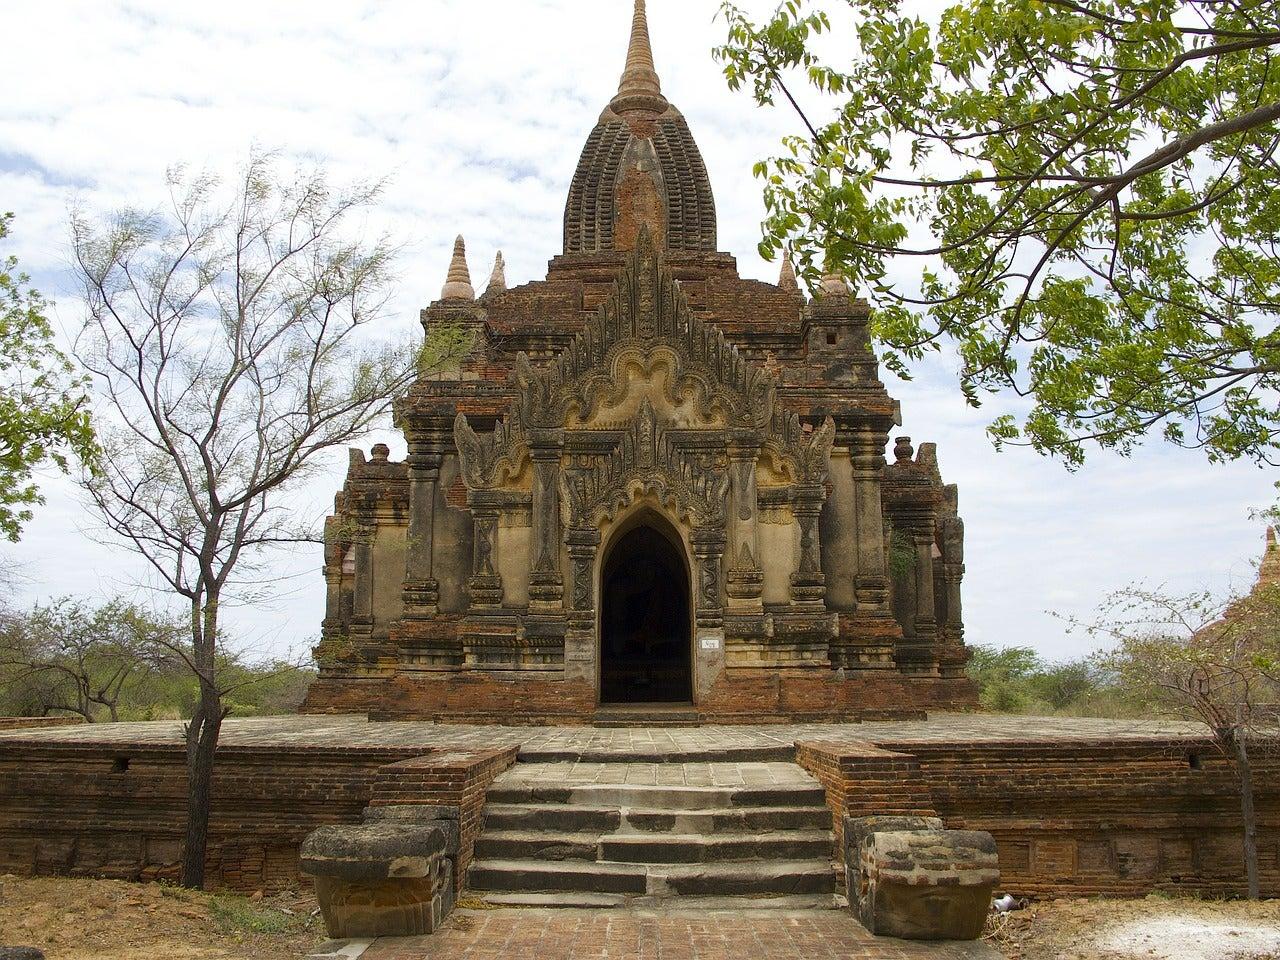 Templo budista en Bagan